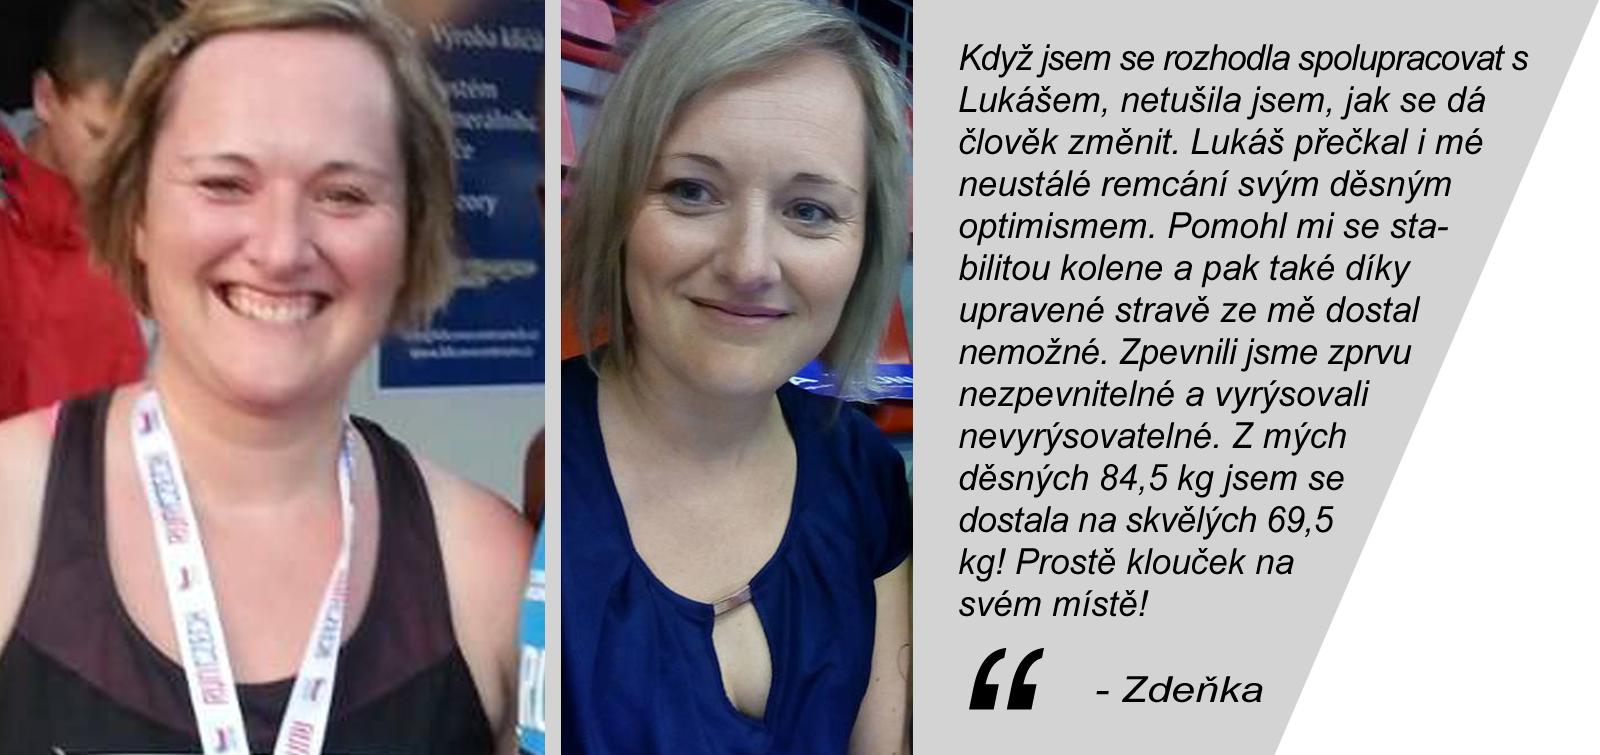 Dosažené výsledky - Zdeňka